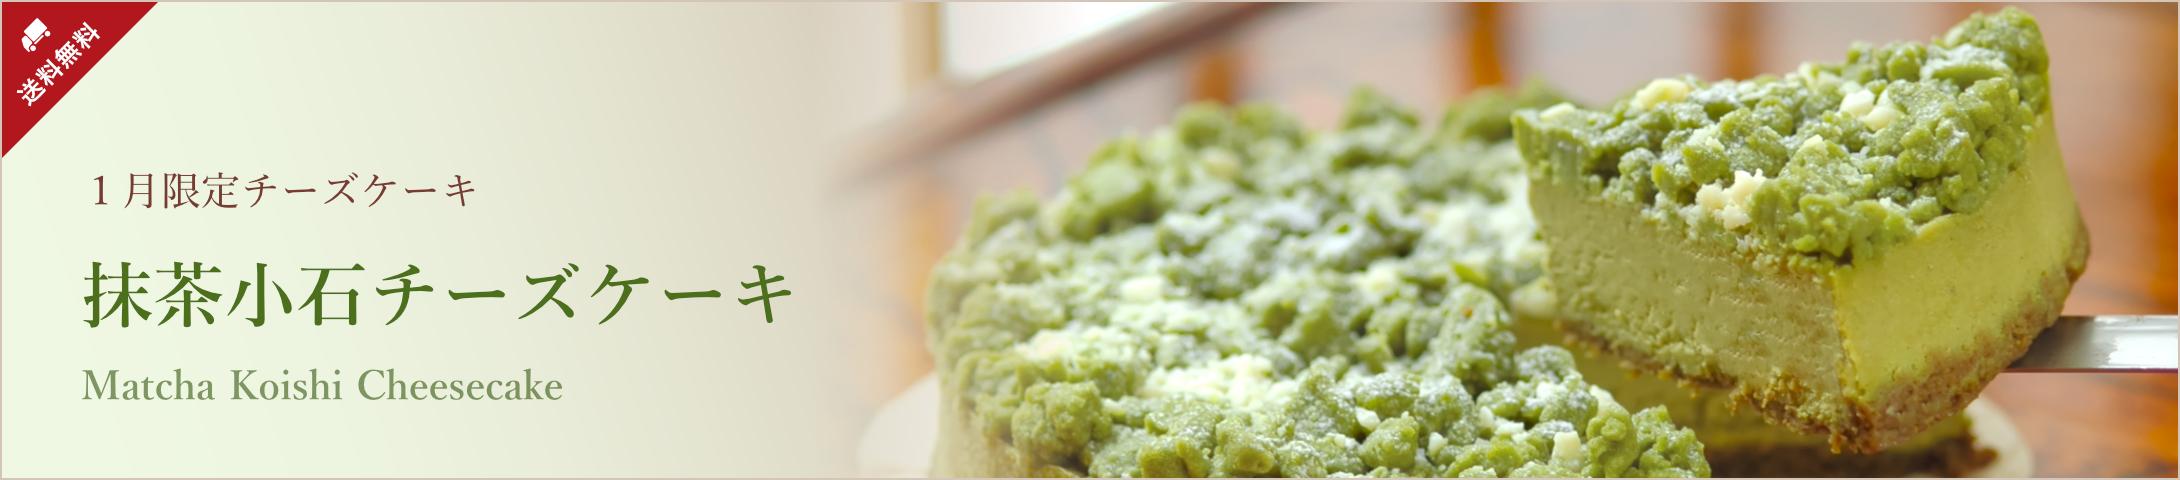 抹茶小石チーズケーキ